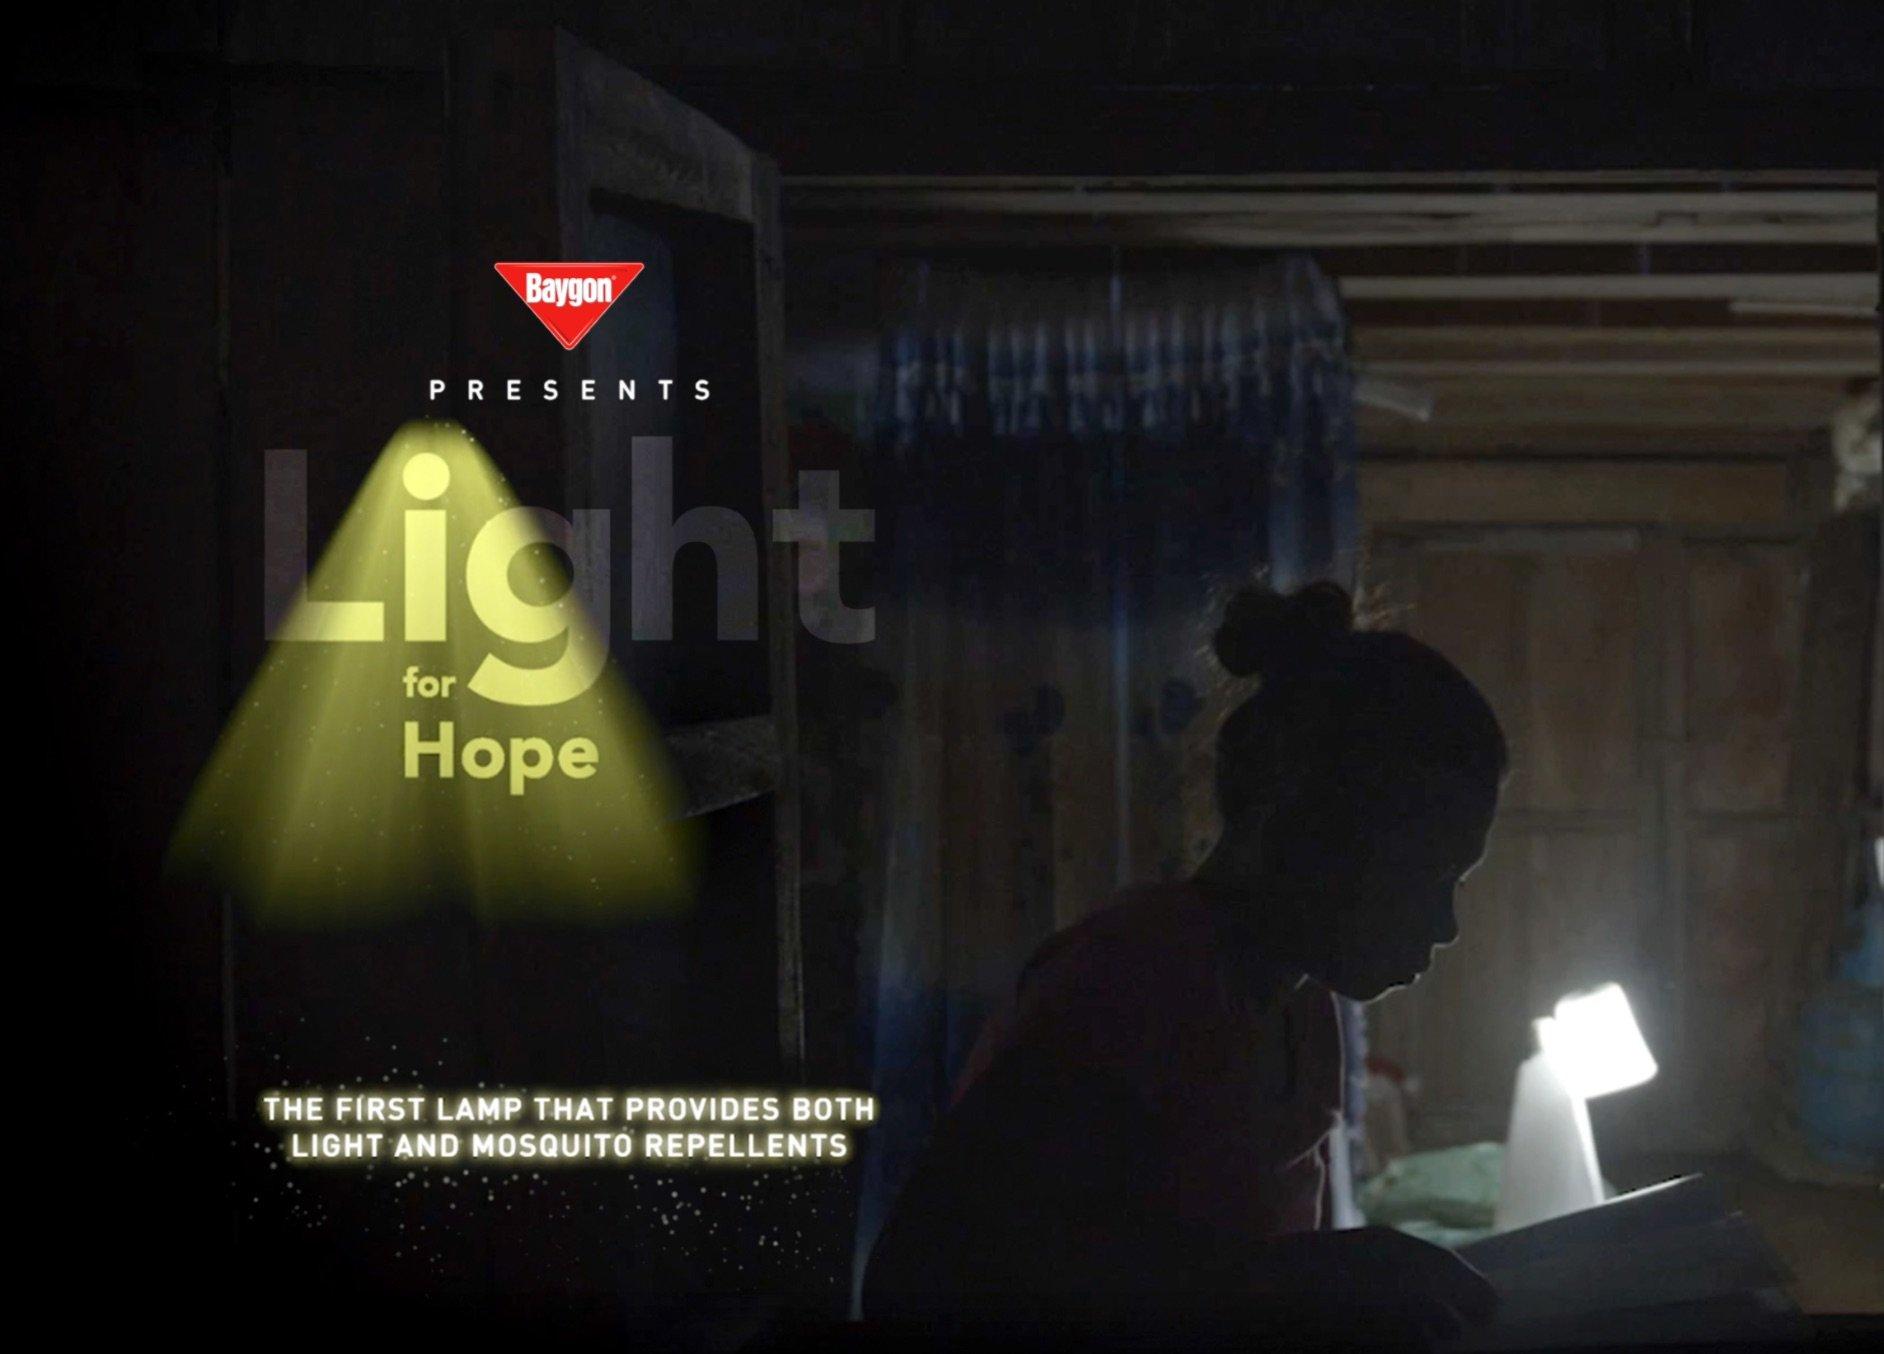 Thumbnail for Light for Hope